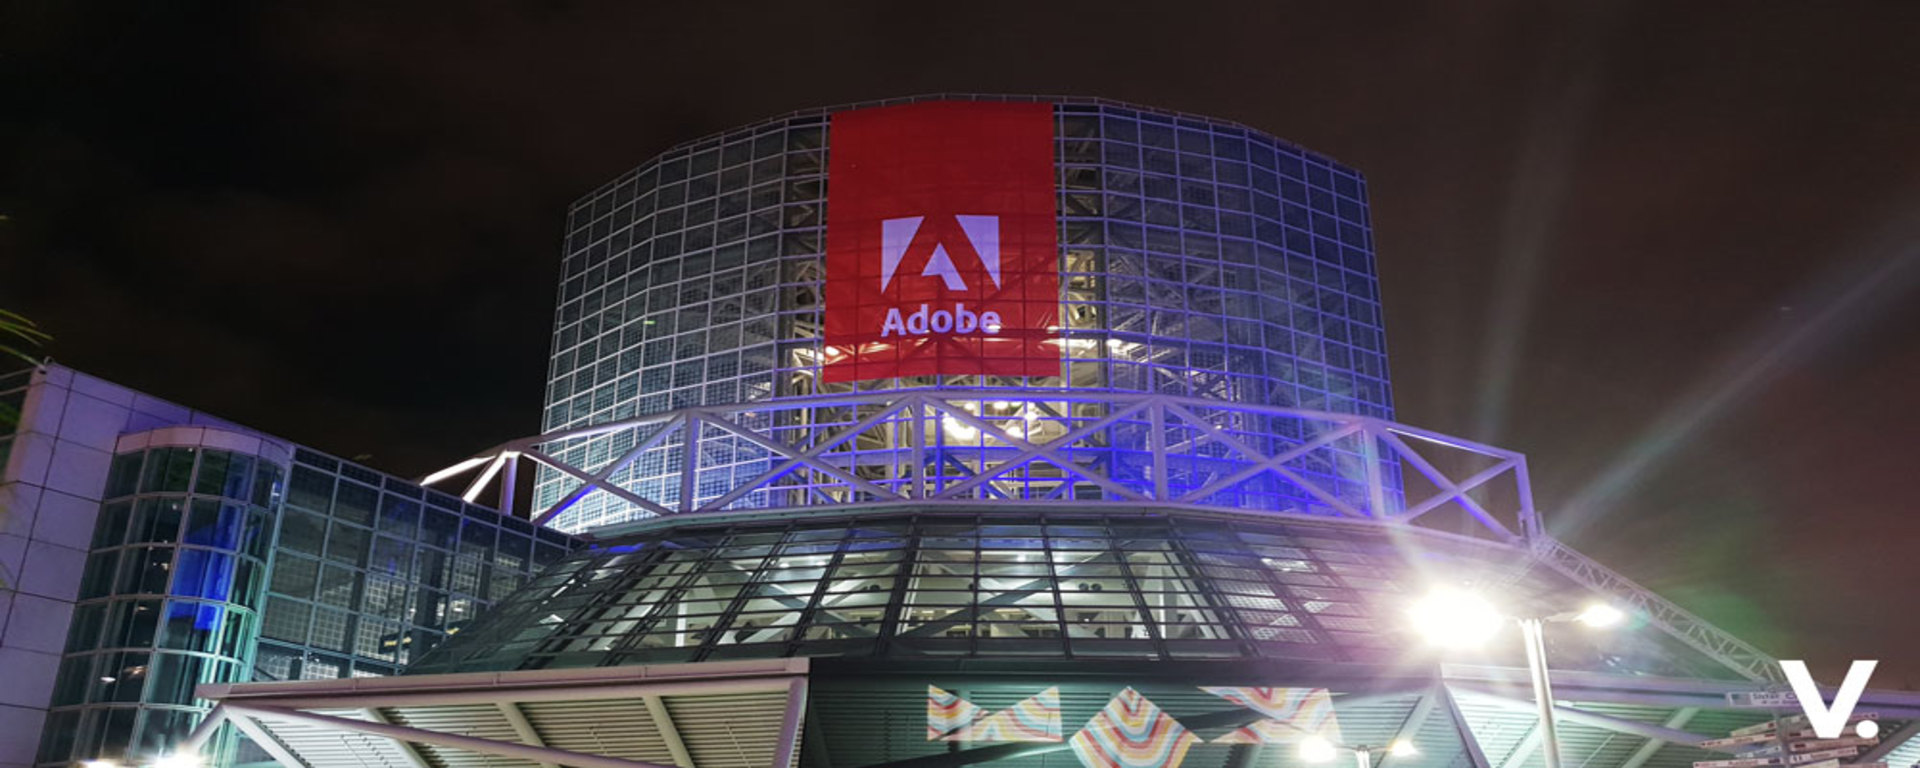 Adobe MAXのワークショップでAdobe流プロトタイピングを体験してきた